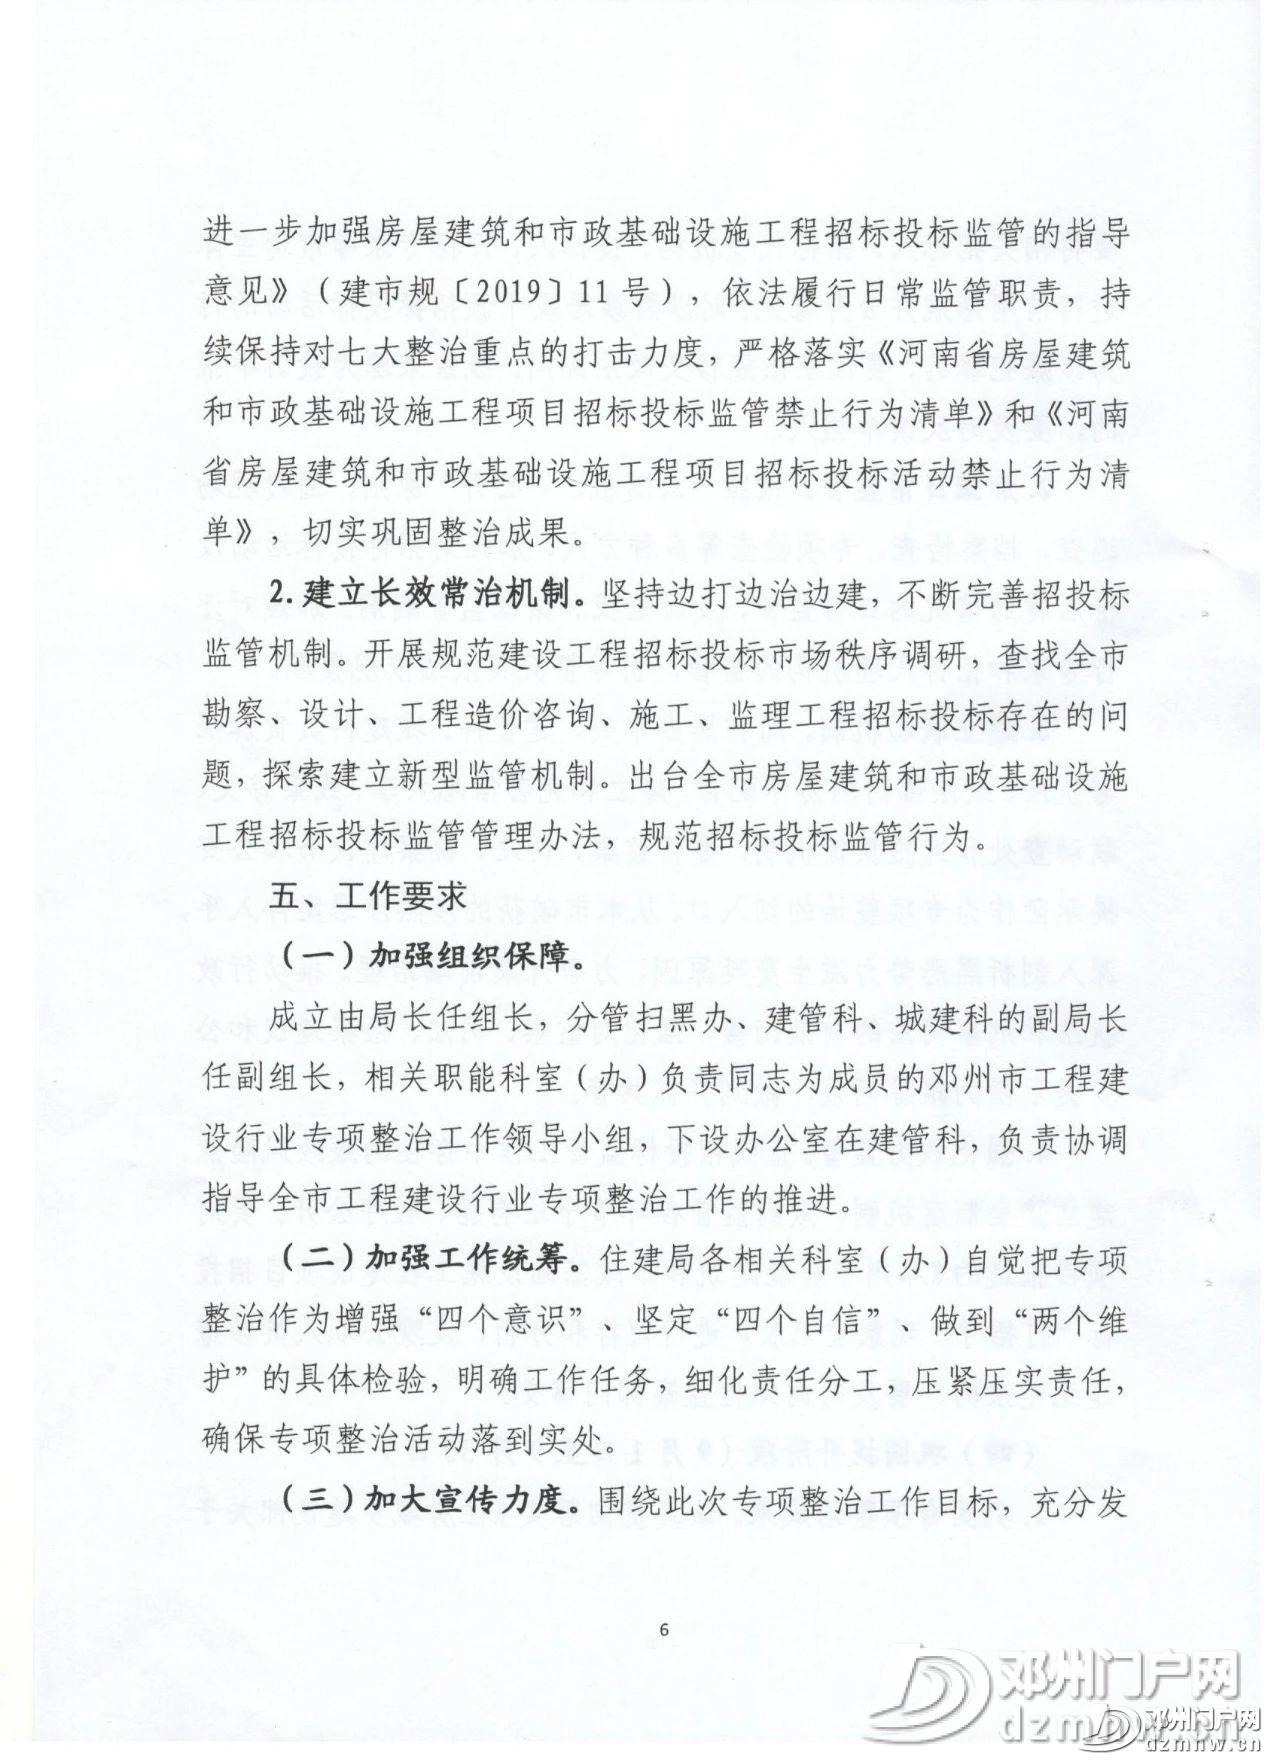 邓州市住房和城乡建设局关于印发全市工程建设行业专项整治工作实施方案的通知 - 邓州门户网|邓州网 - b500d37ab58d7024bfc6c6a2e287db92.jpg